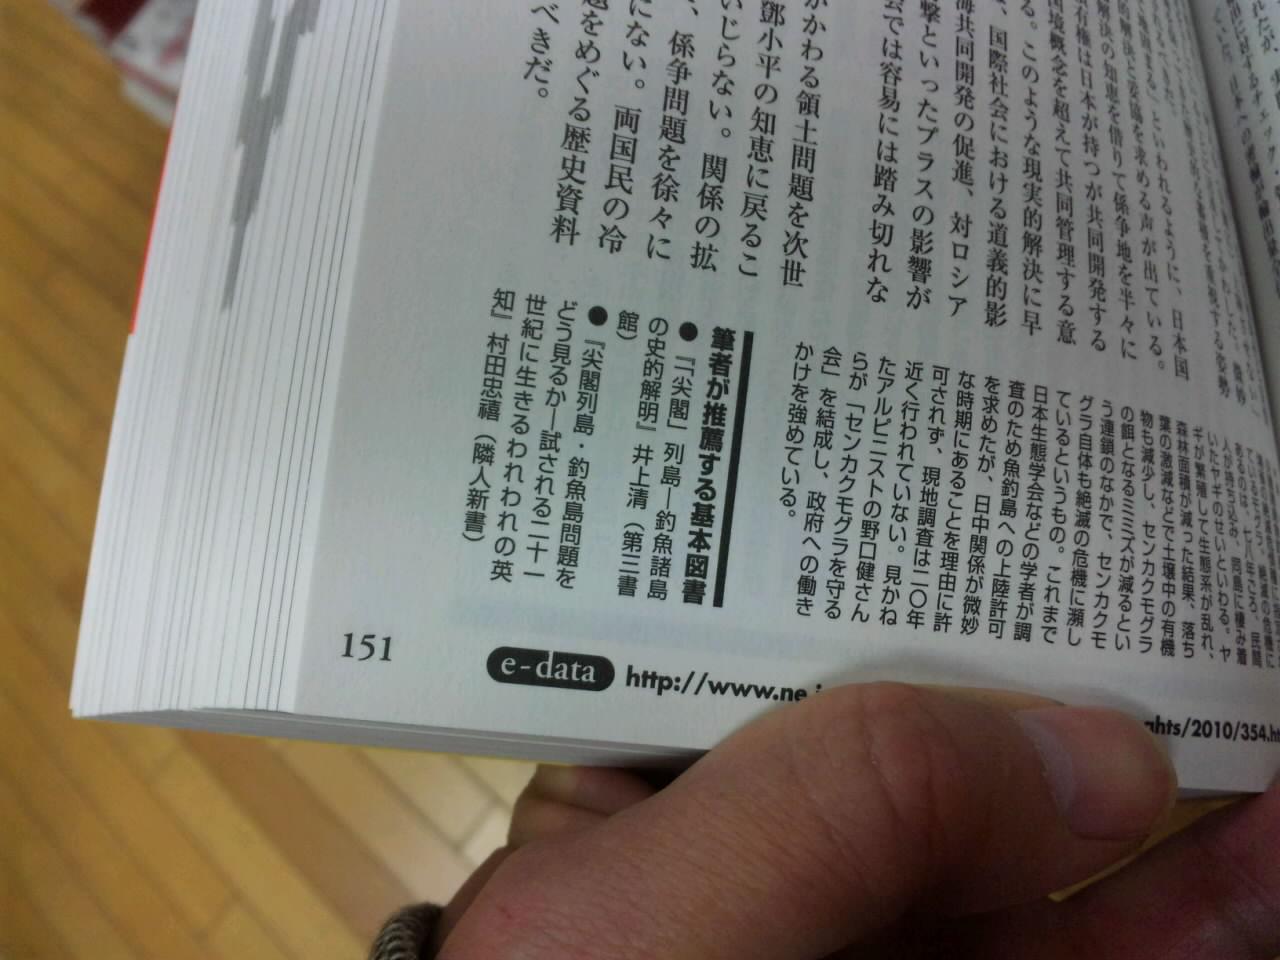 『尖閣列島・釣魚島問題をどう見るか』 日本の論点2011に紹介された_d0027795_20551571.jpg